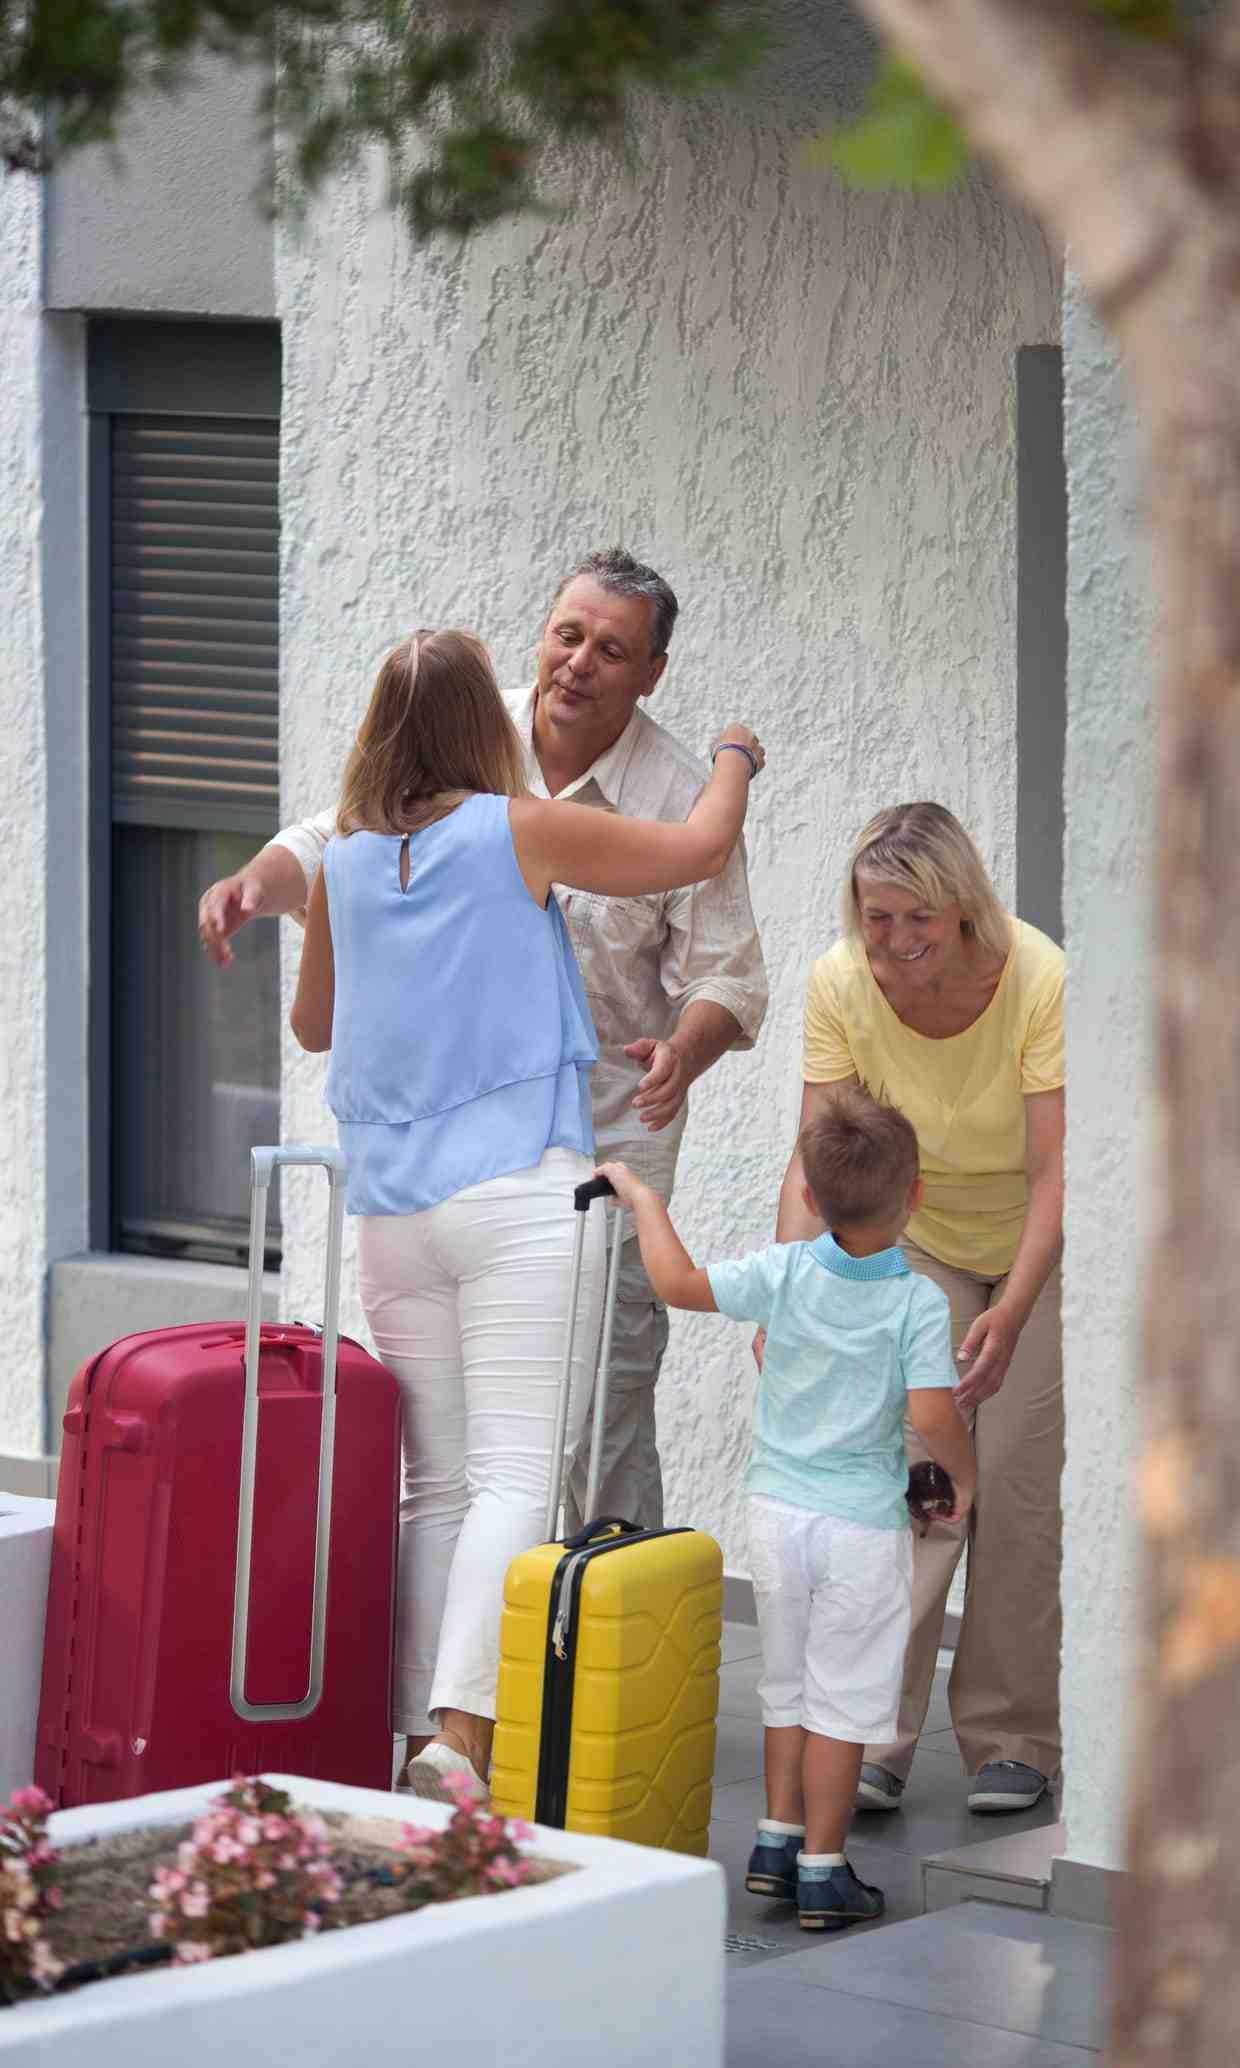 Qui interdit au locataire d'héberger des personnes ne vivant pas habituellement avec lui ?